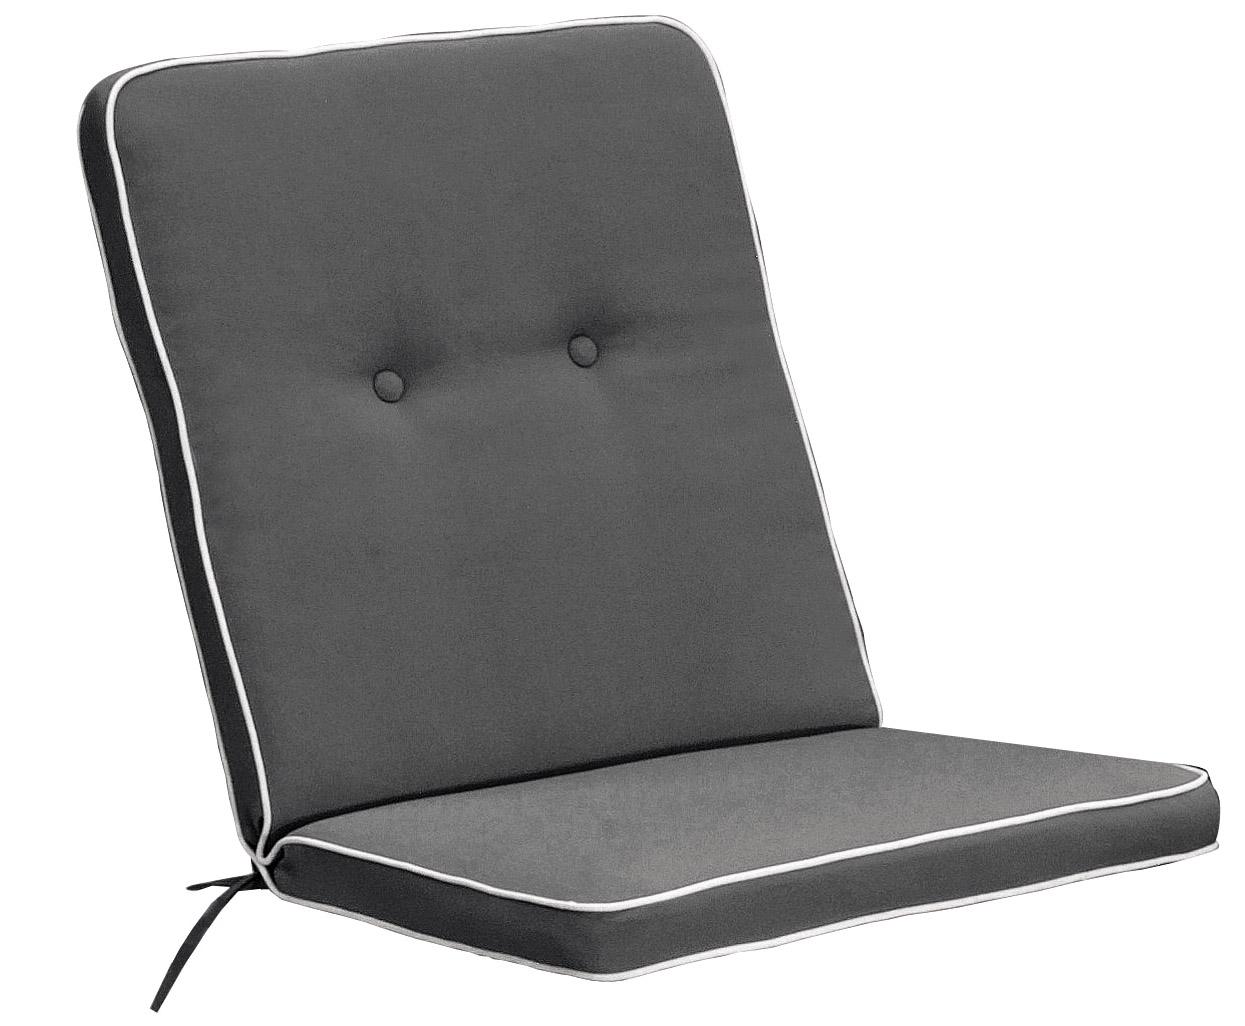 Cuscino per poltrona bassa 92x46 cm con bordino GRIGIO